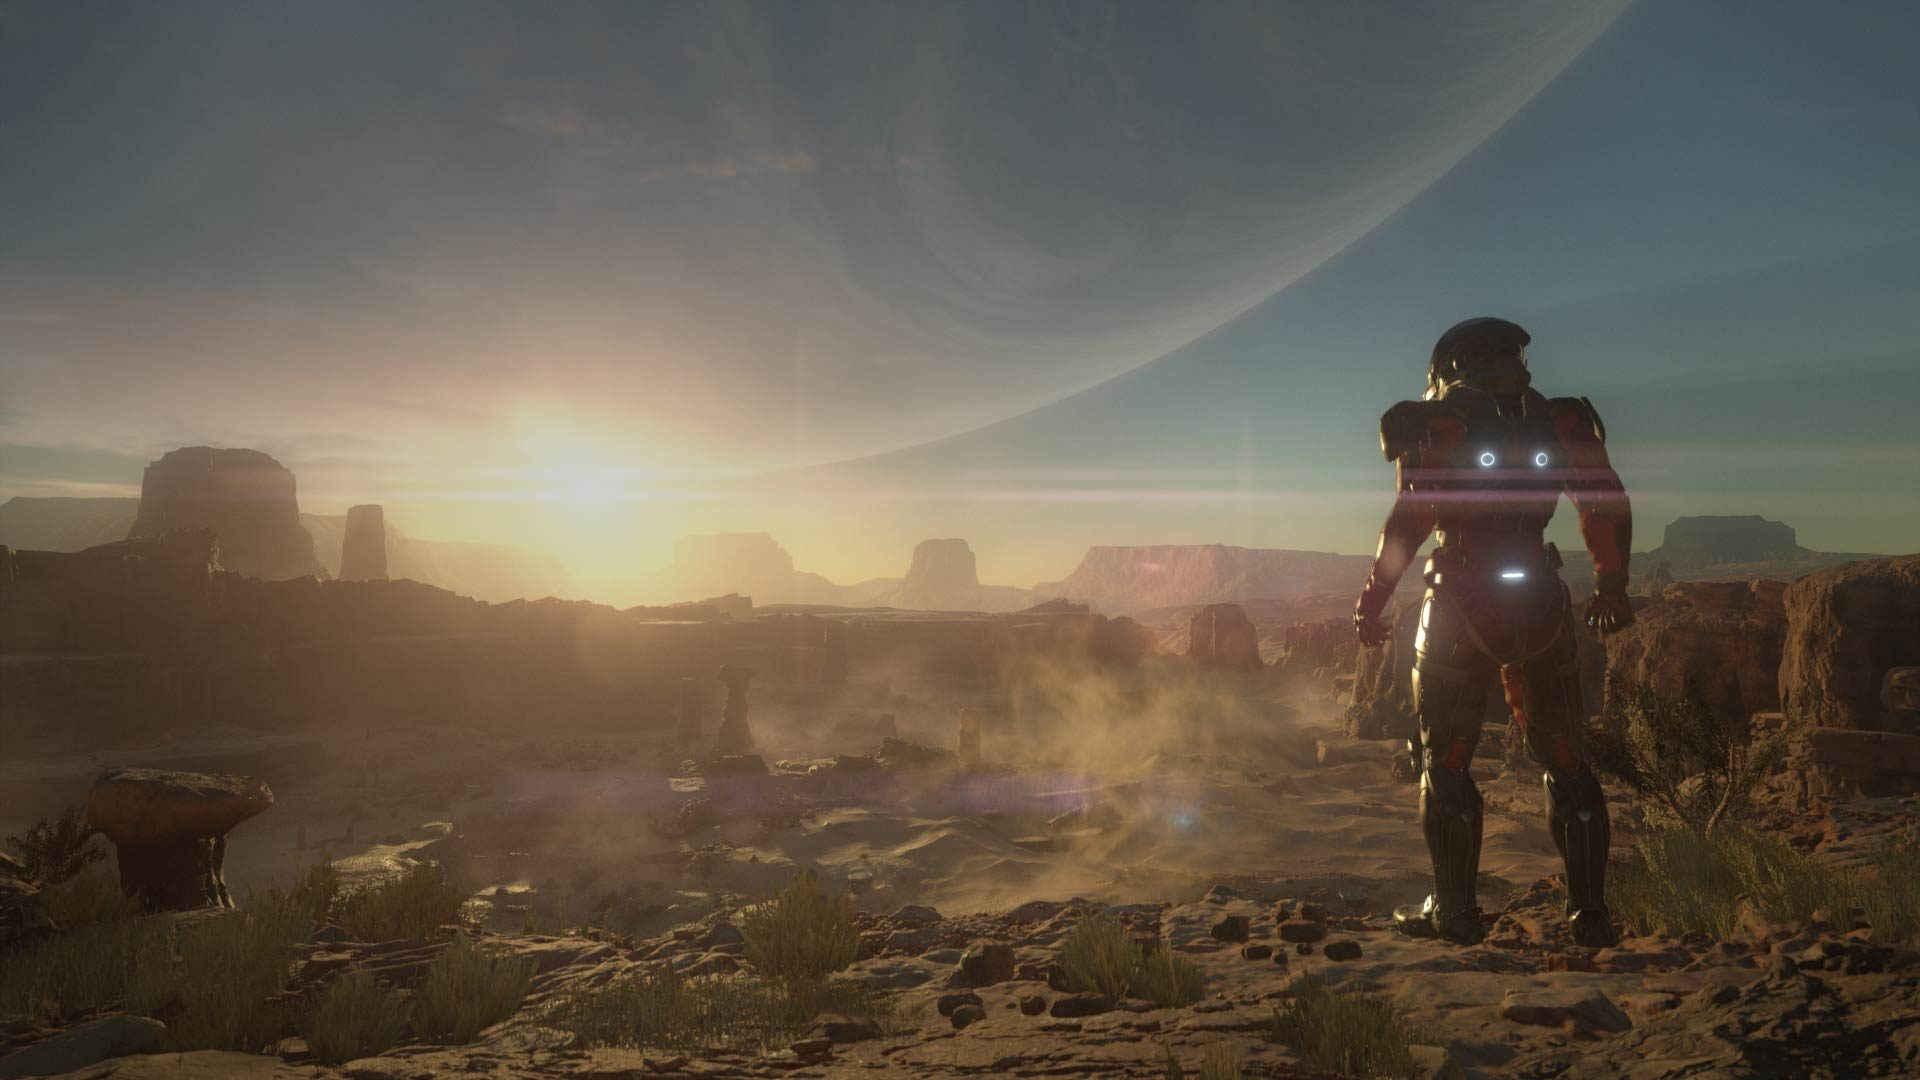 Ejecutivos-de-la-EA -dicen-que-Mass-Effect-Andromeda-sera-una-obra-magnifica-gamersrd (2)